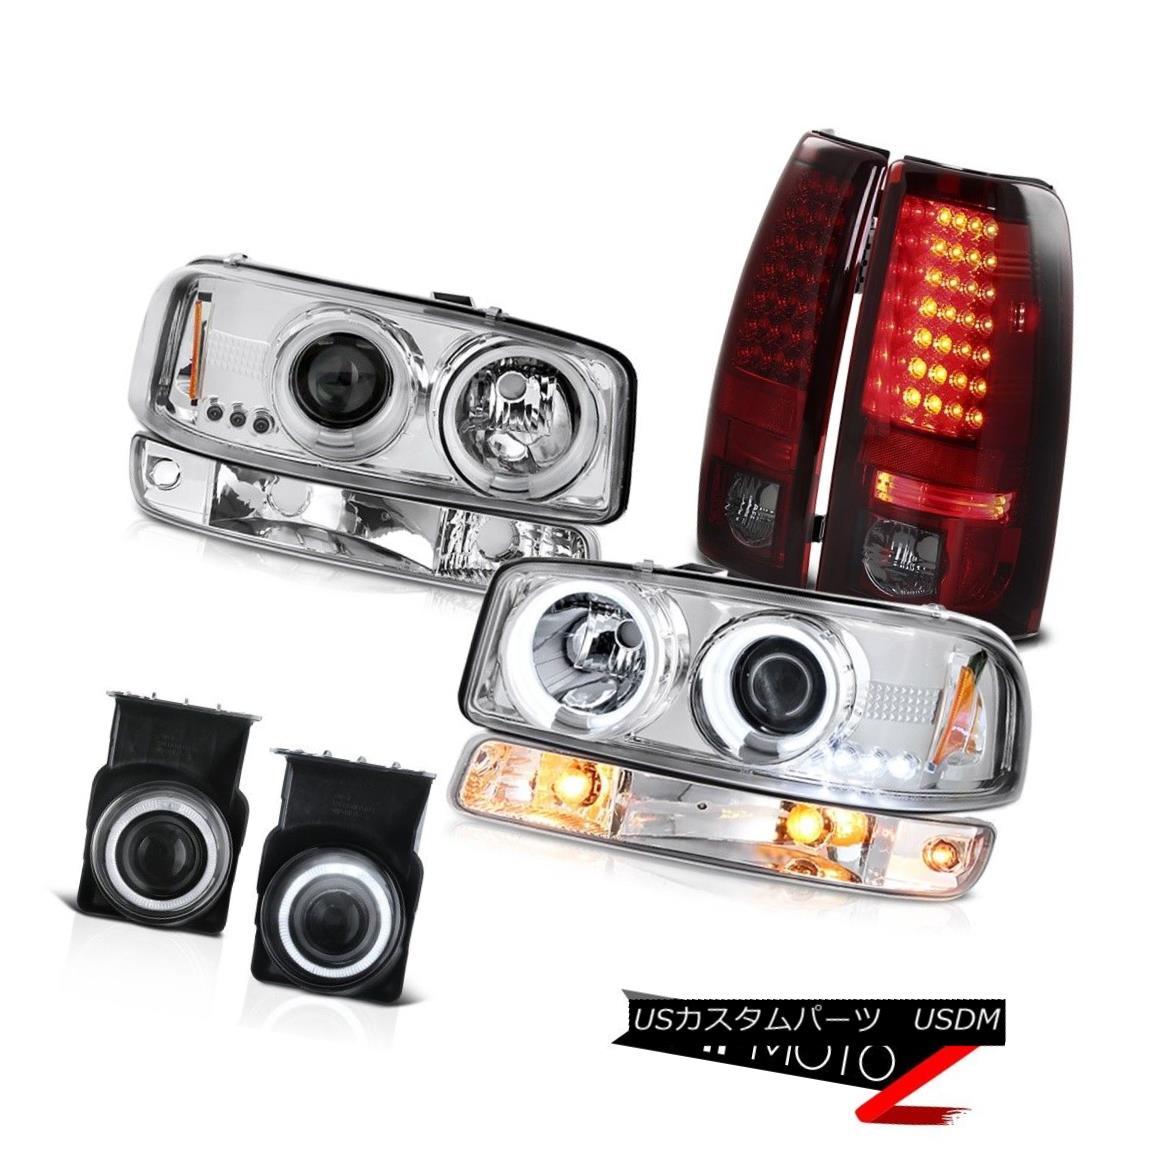 テールライト 03-06 Sierra 1500 Chrome fog lights rear led brake turn signal ccfl Headlamps 03-06シエラ1500クロームフォグライトリアブレーキブレーキターンシグナルccflヘッドランプ